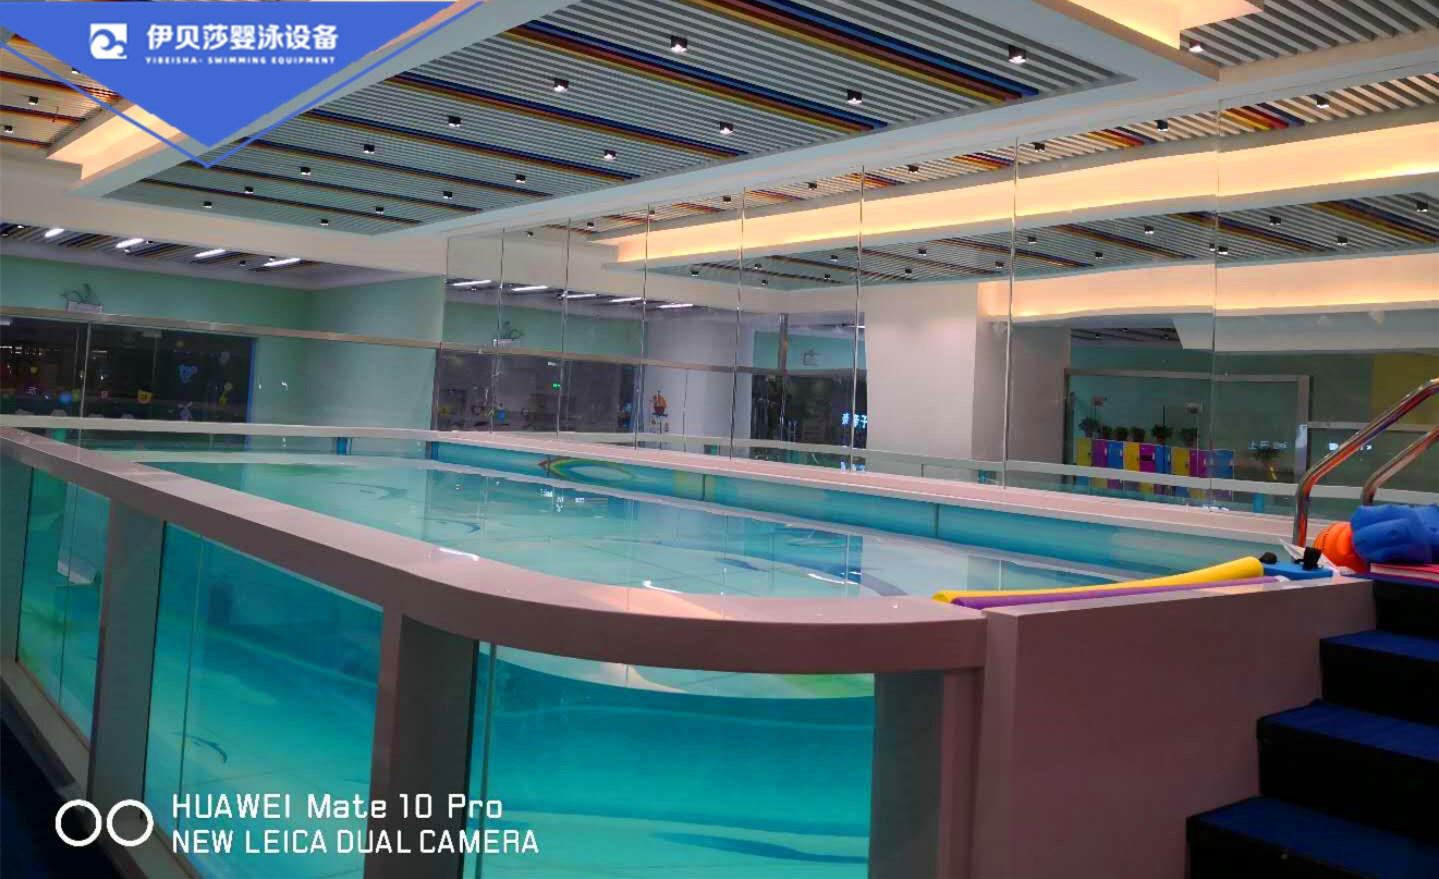 360°全透明亲子玻璃游泳池